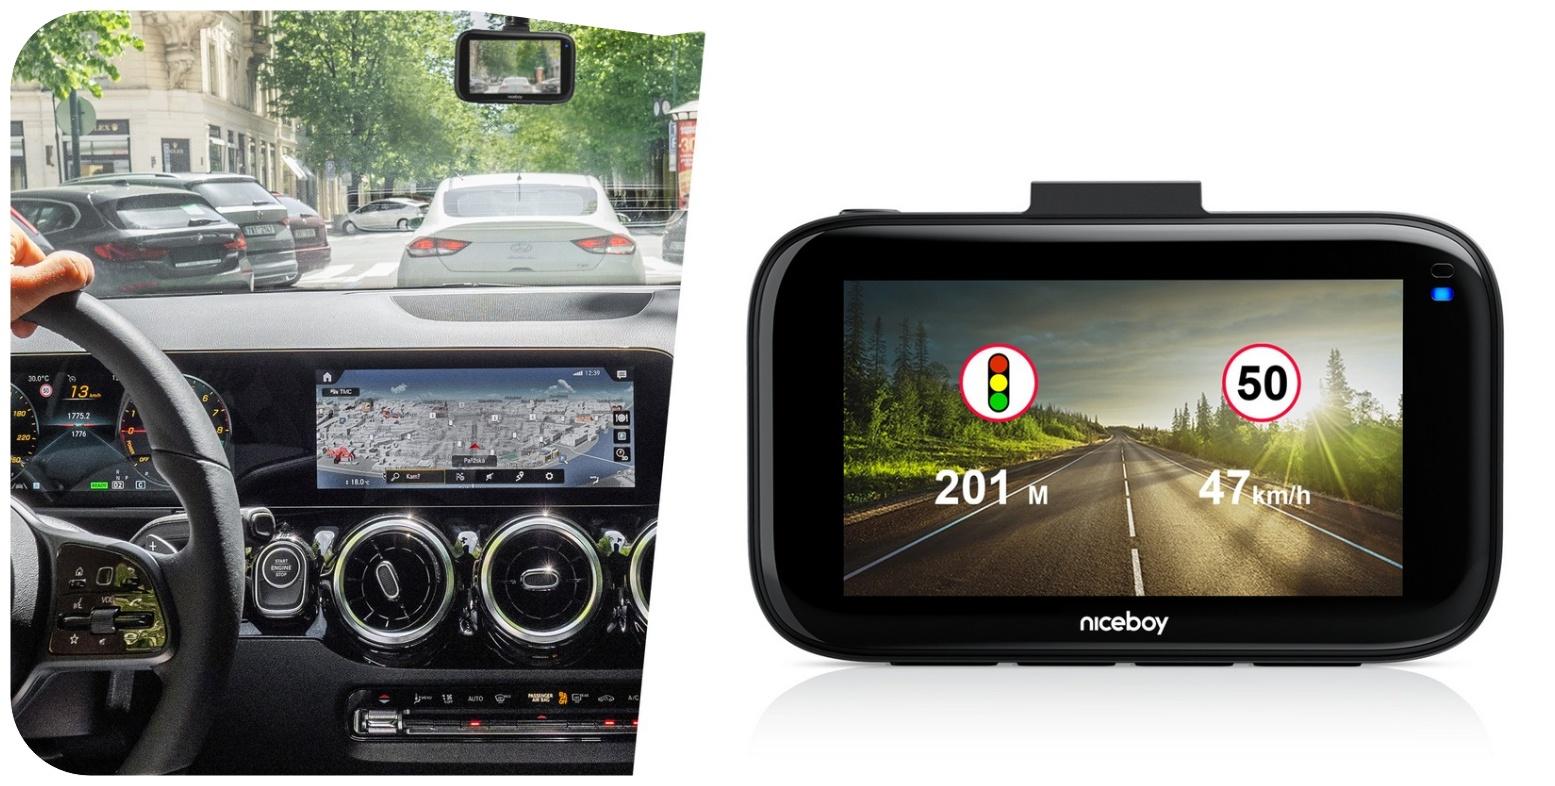 Mezi hlavní přednosti autokamery Niceboy Pilot Q9 patří rozlišení až 4K při 30 snímcích za sekundu, neustále aktualizovaná databáze radarů a měření ve více než 30 evropských zemí.